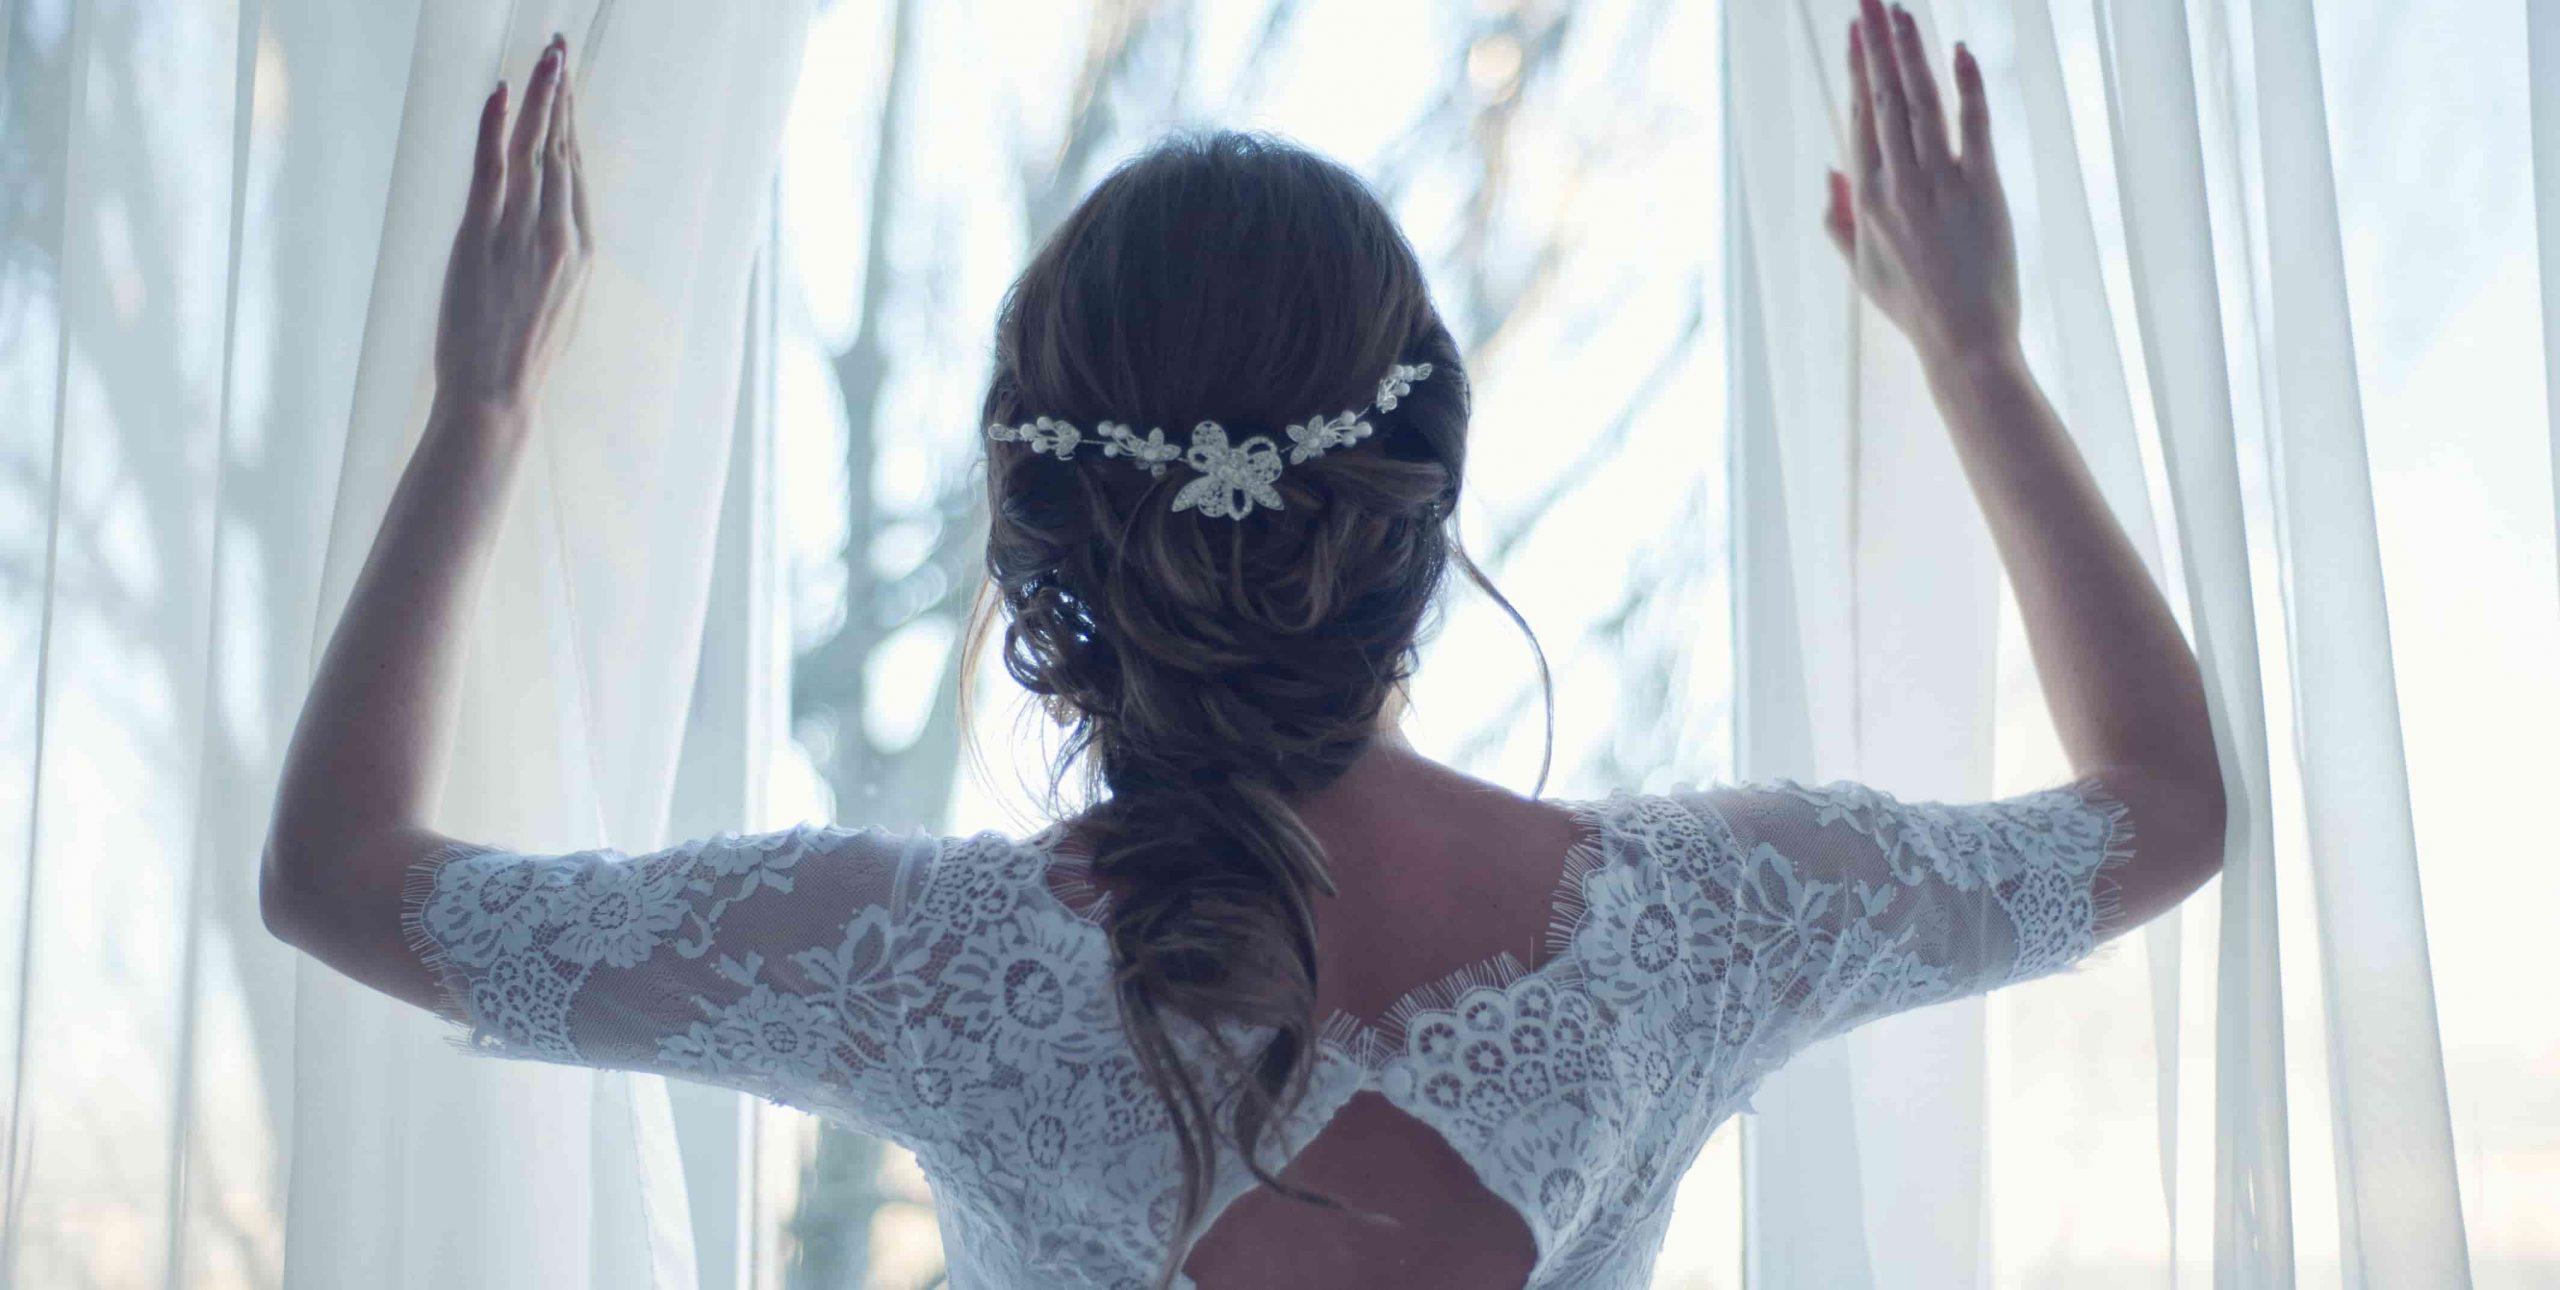 terapia antiestrés, estrés pre boda, estres pre nupcial, señales de estrés, estrés antes de la boda, El estrés de la boda, Cómo combatir el estrés, combatir el estrés, Signos de estrés